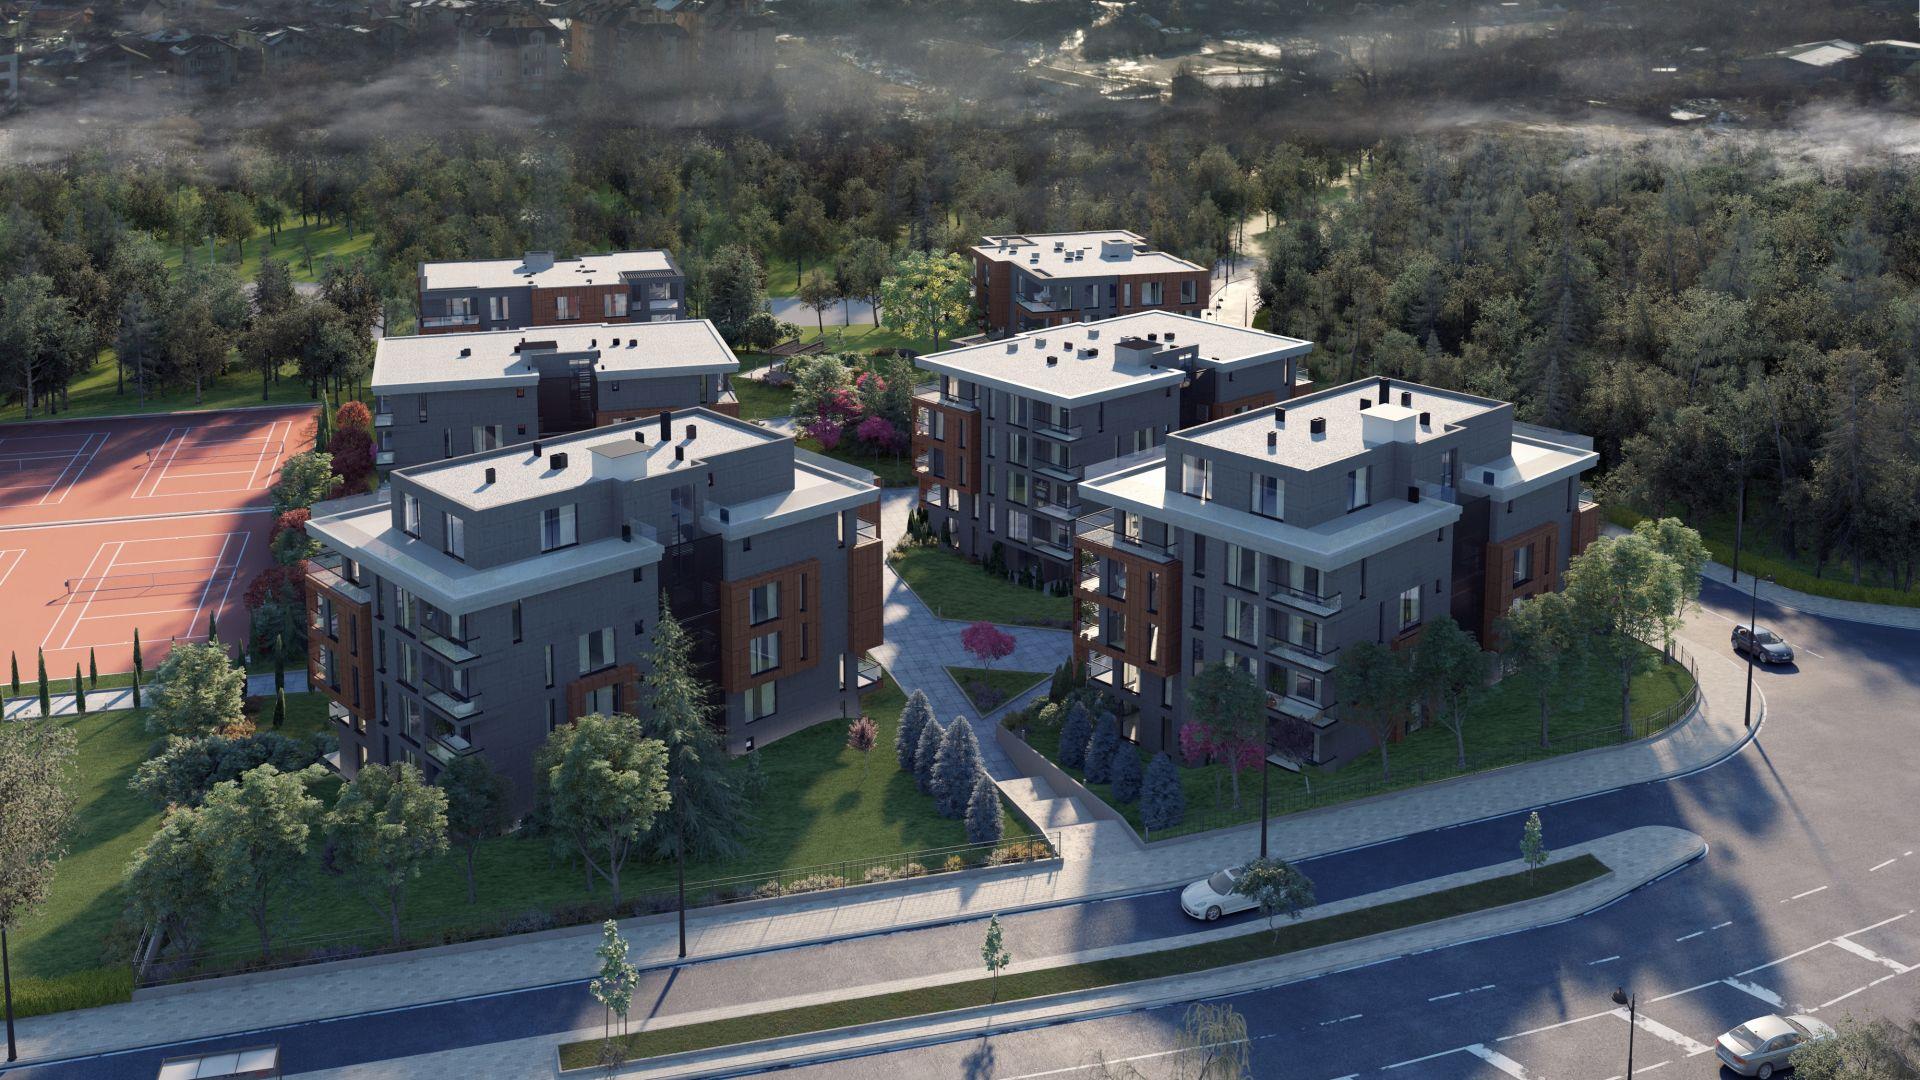 Първи жилищен комплекс в България със СПА център с минерална вода и парк